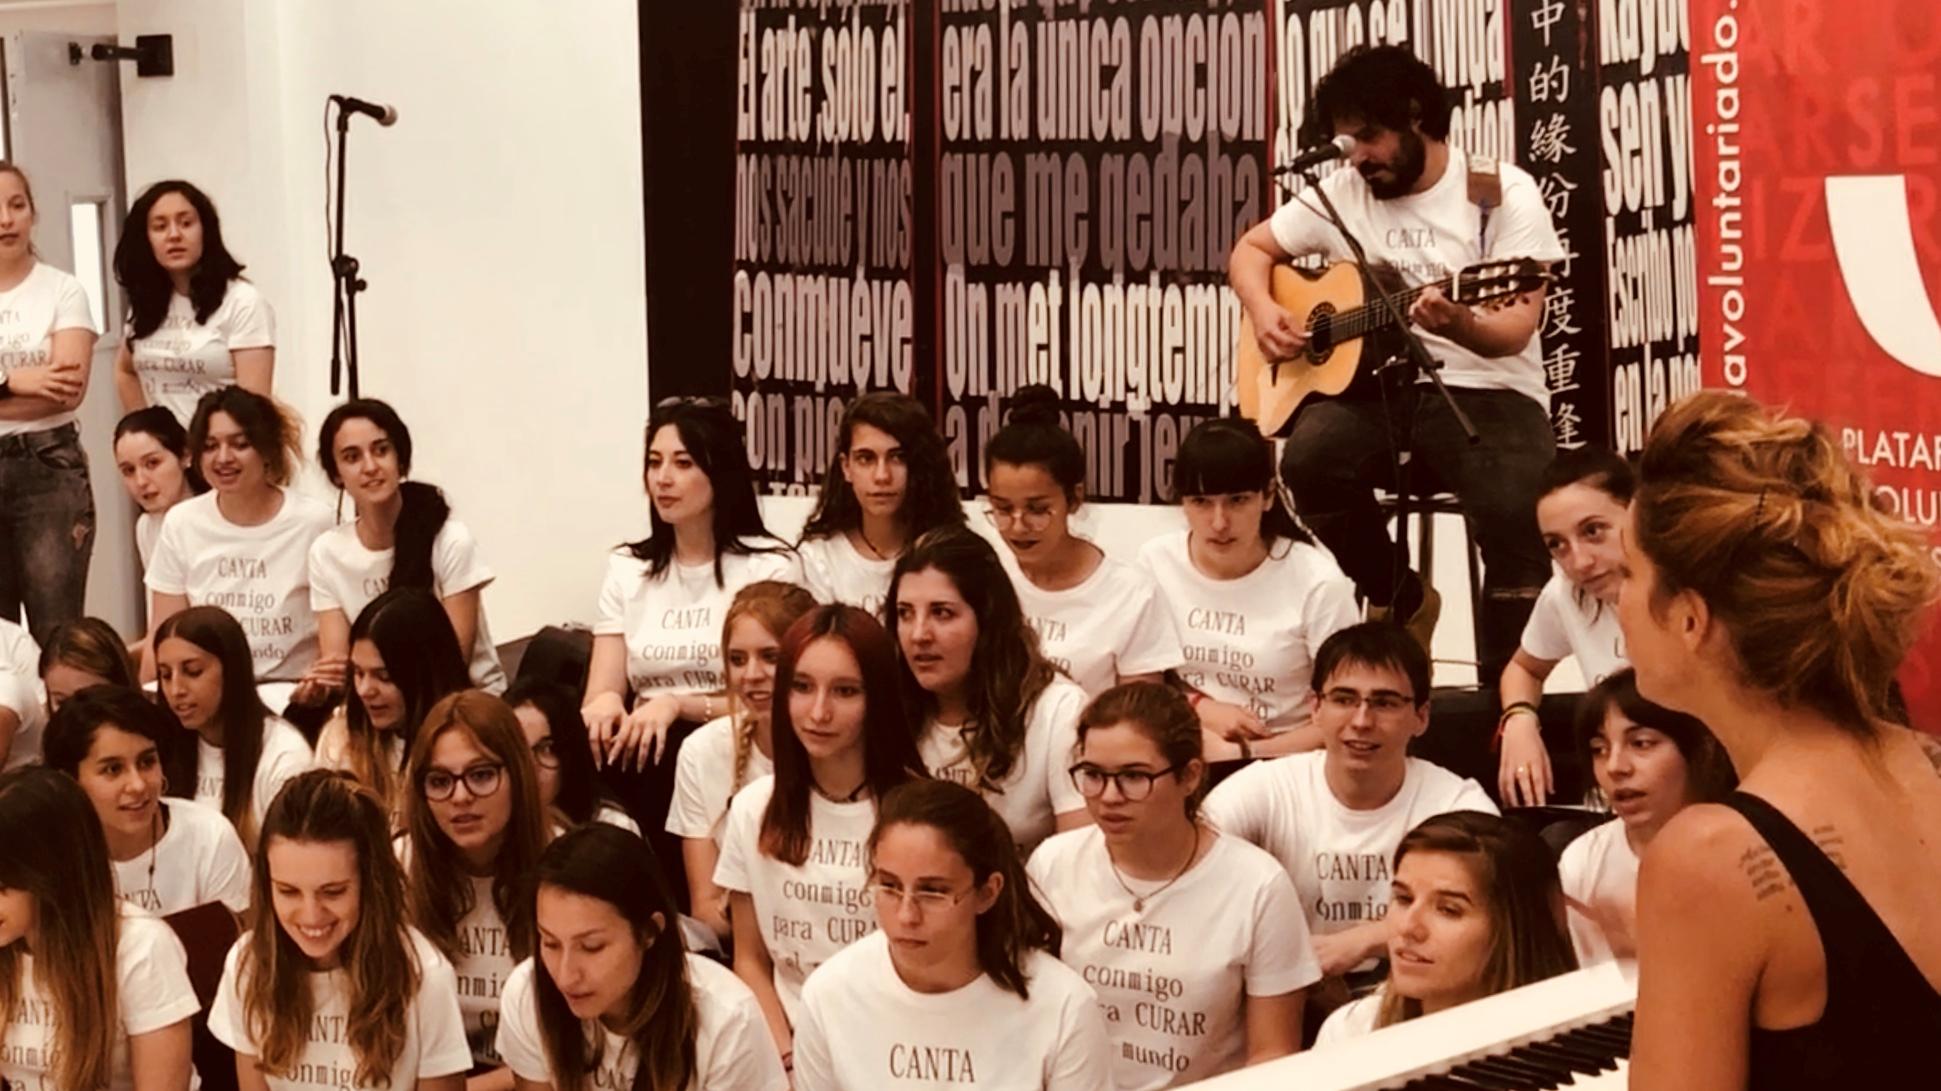 Aprendiendo el voluntariado: curar y cantar